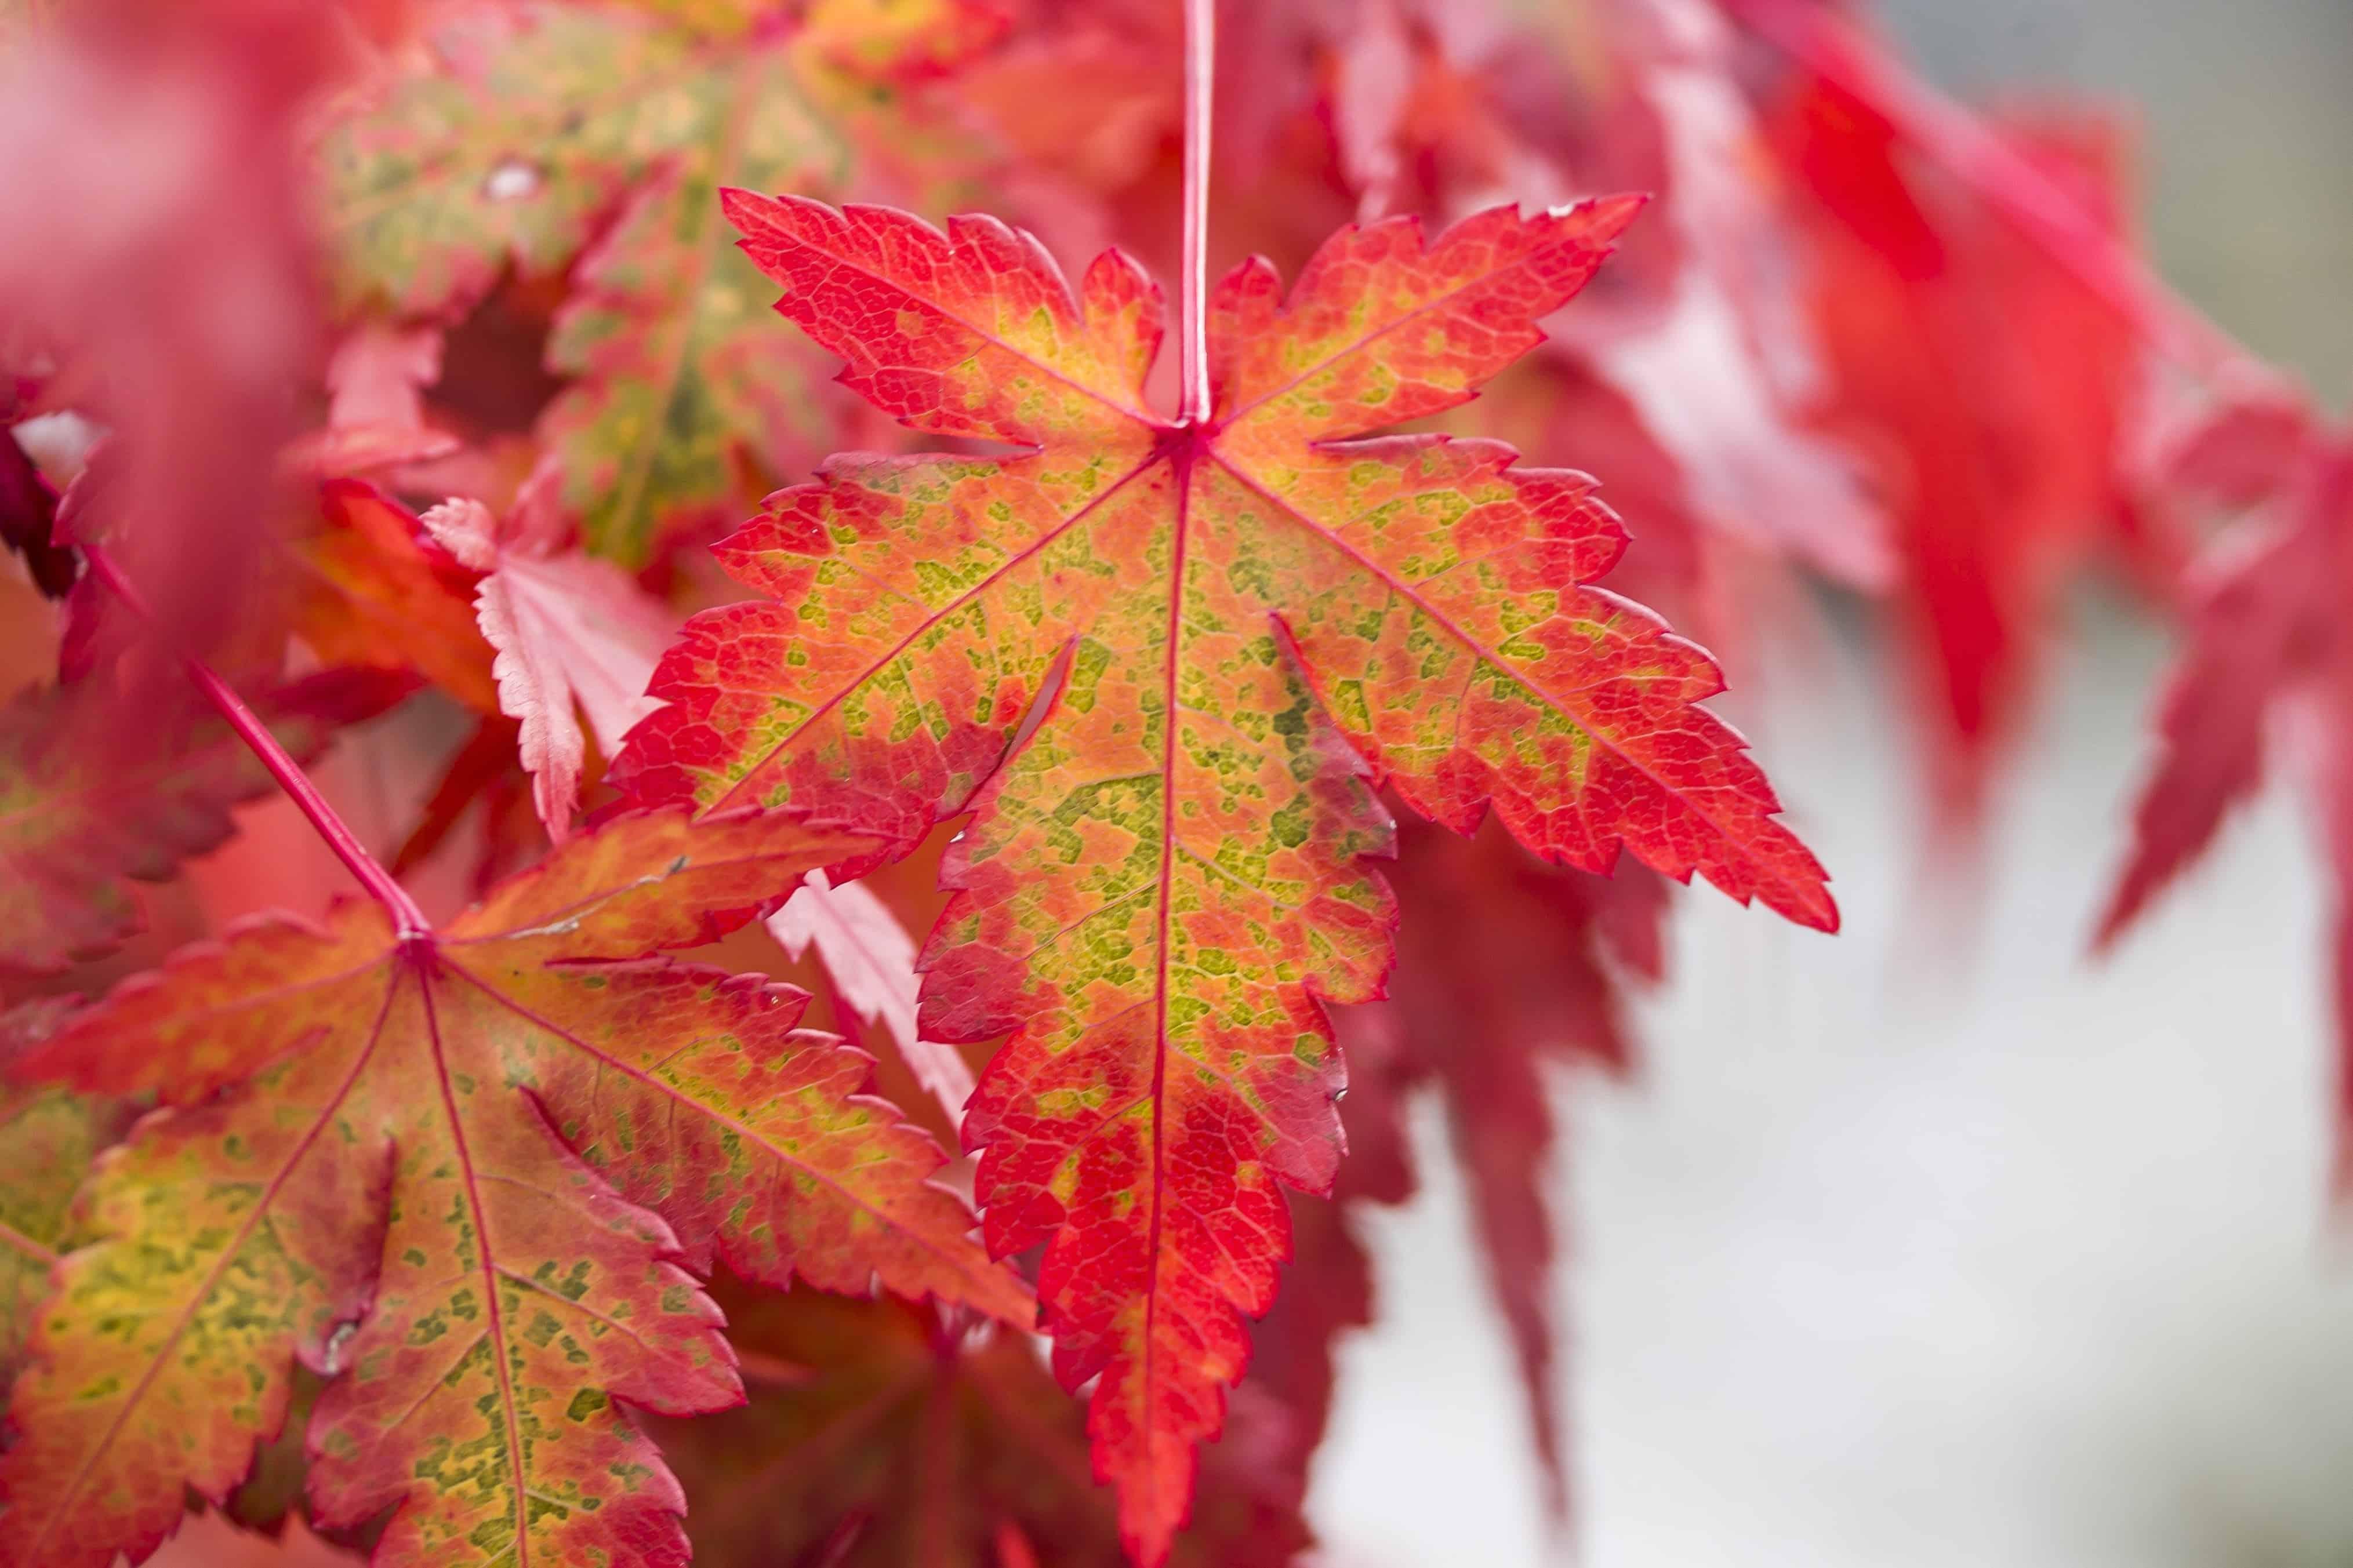 image libre: feuille rouge, flore, nature, automne, arbre, plante